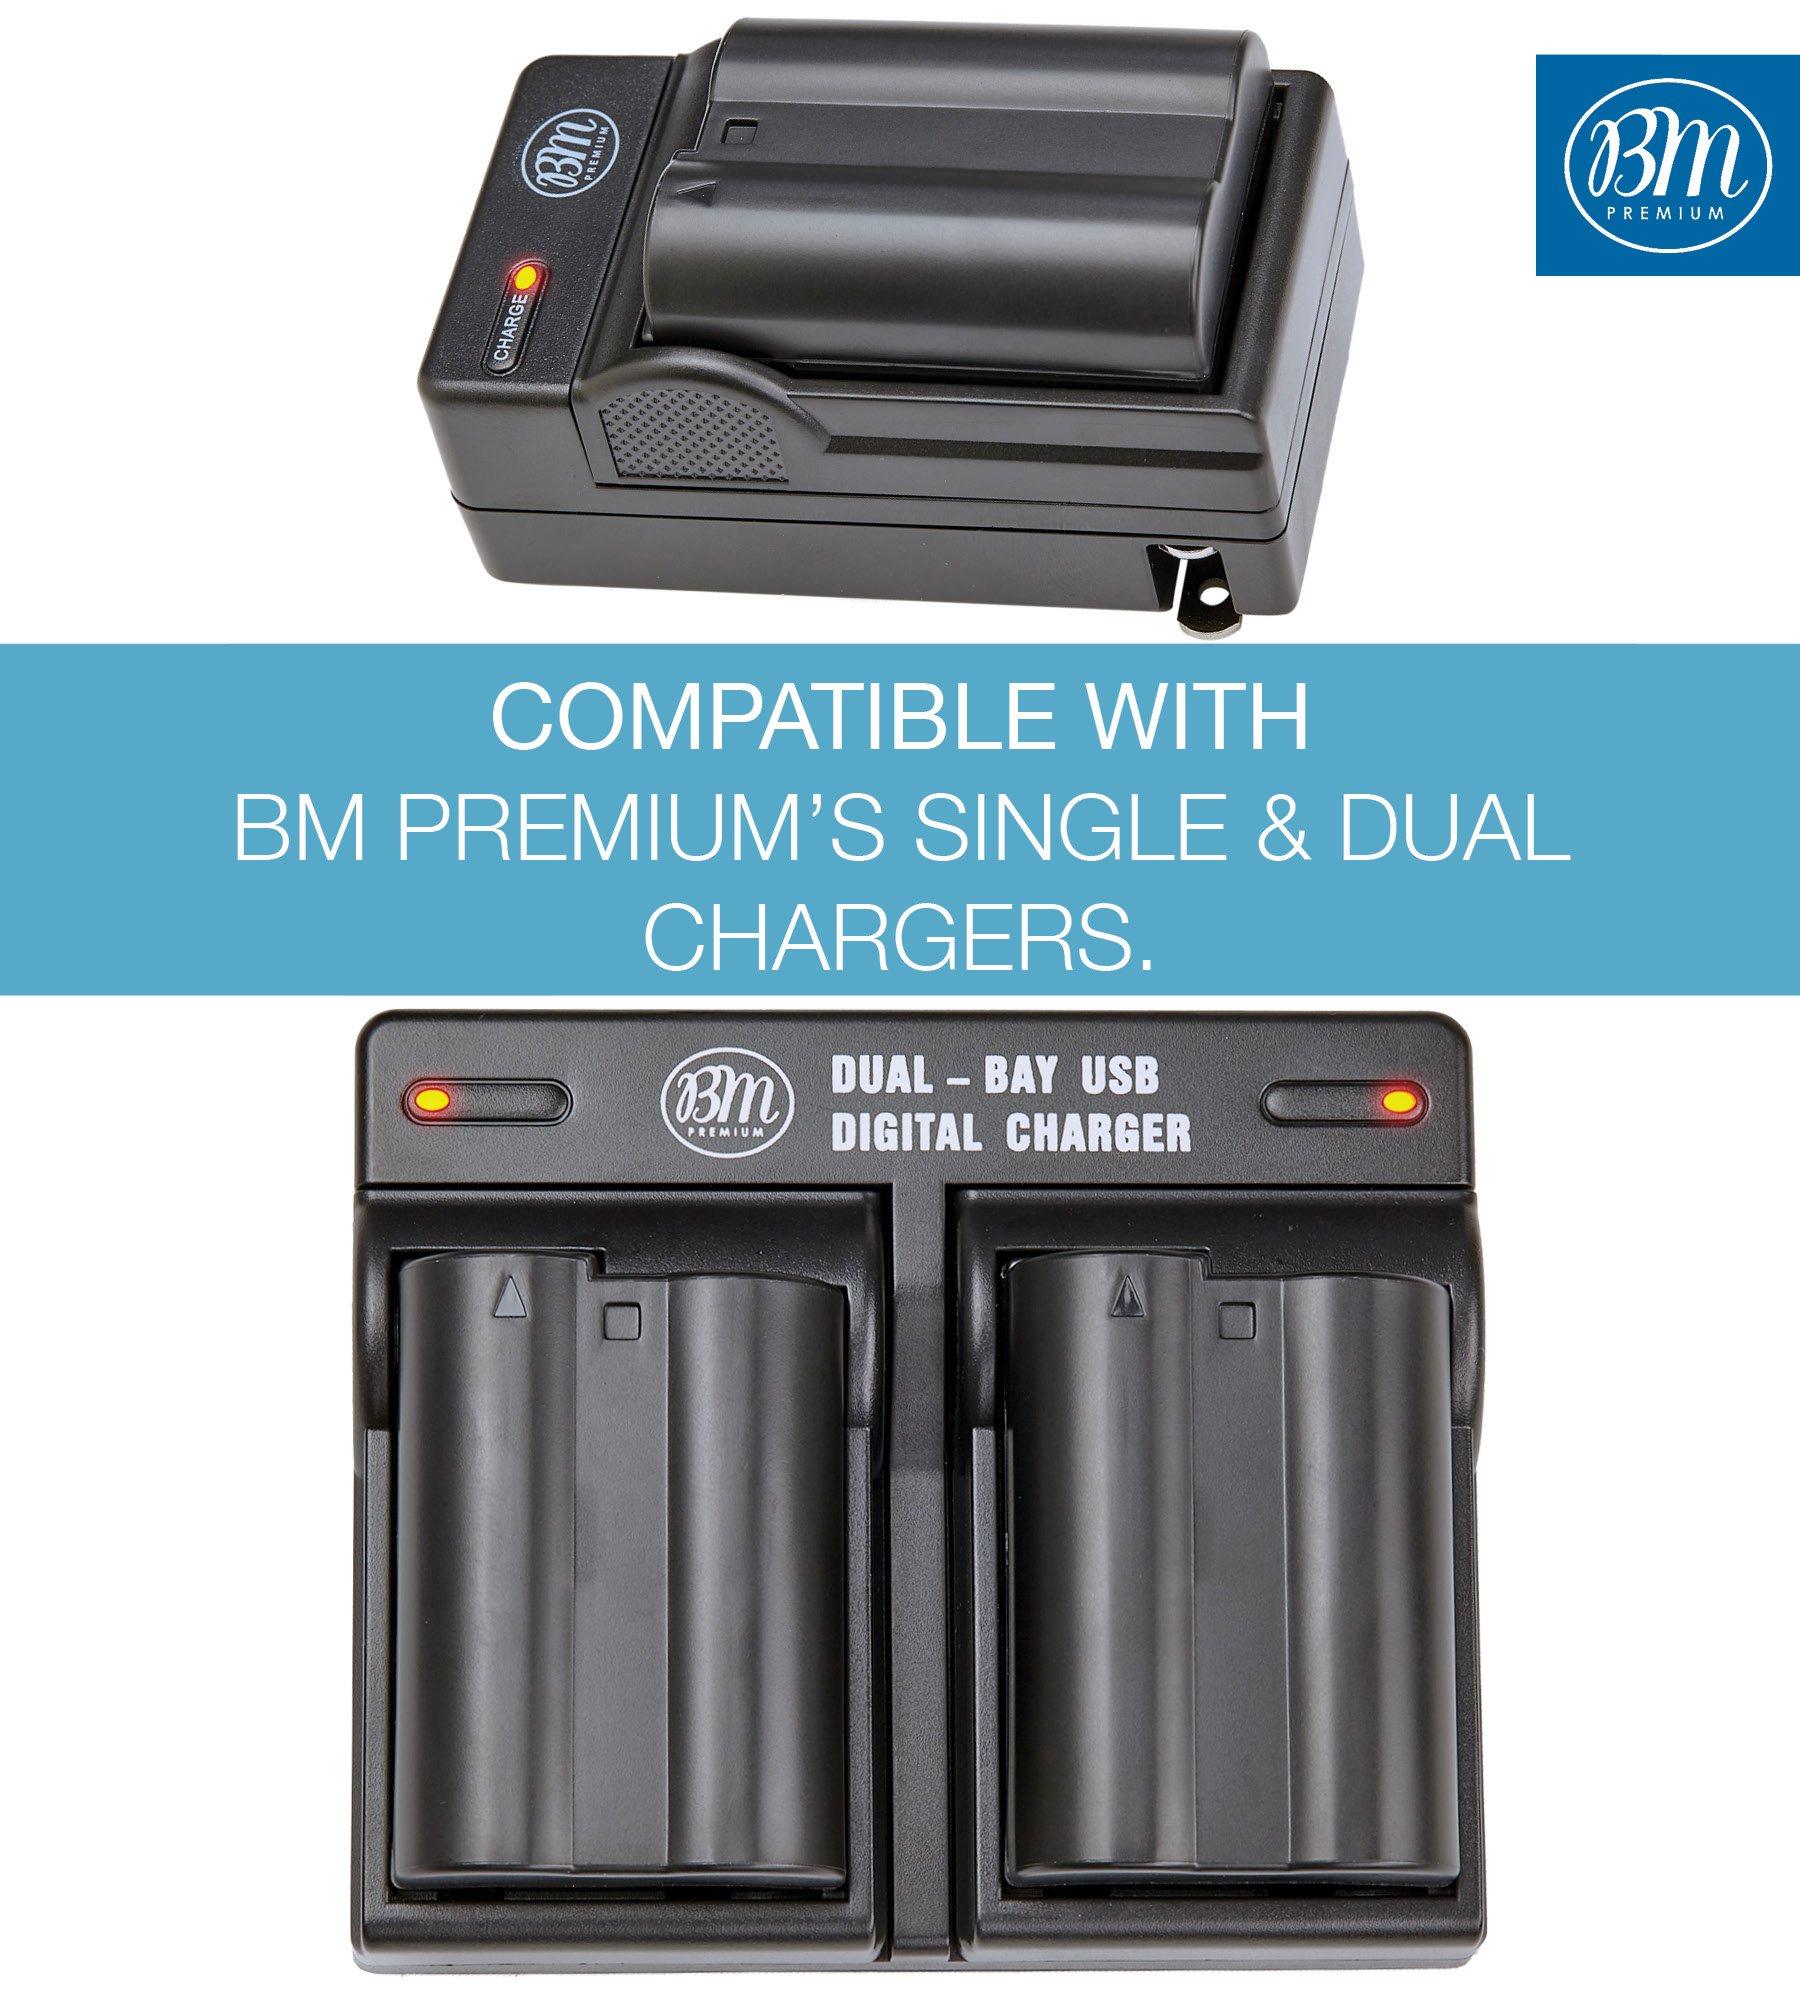 BM Premium EN-EL15 Battery for Nikon D850, D7500, 1 V1, D500, D600, D610, D750, D800, D800E, D810, D810A, D7000, D7100, D7200 Digital SLR Camera by BM Premium (Image #4)